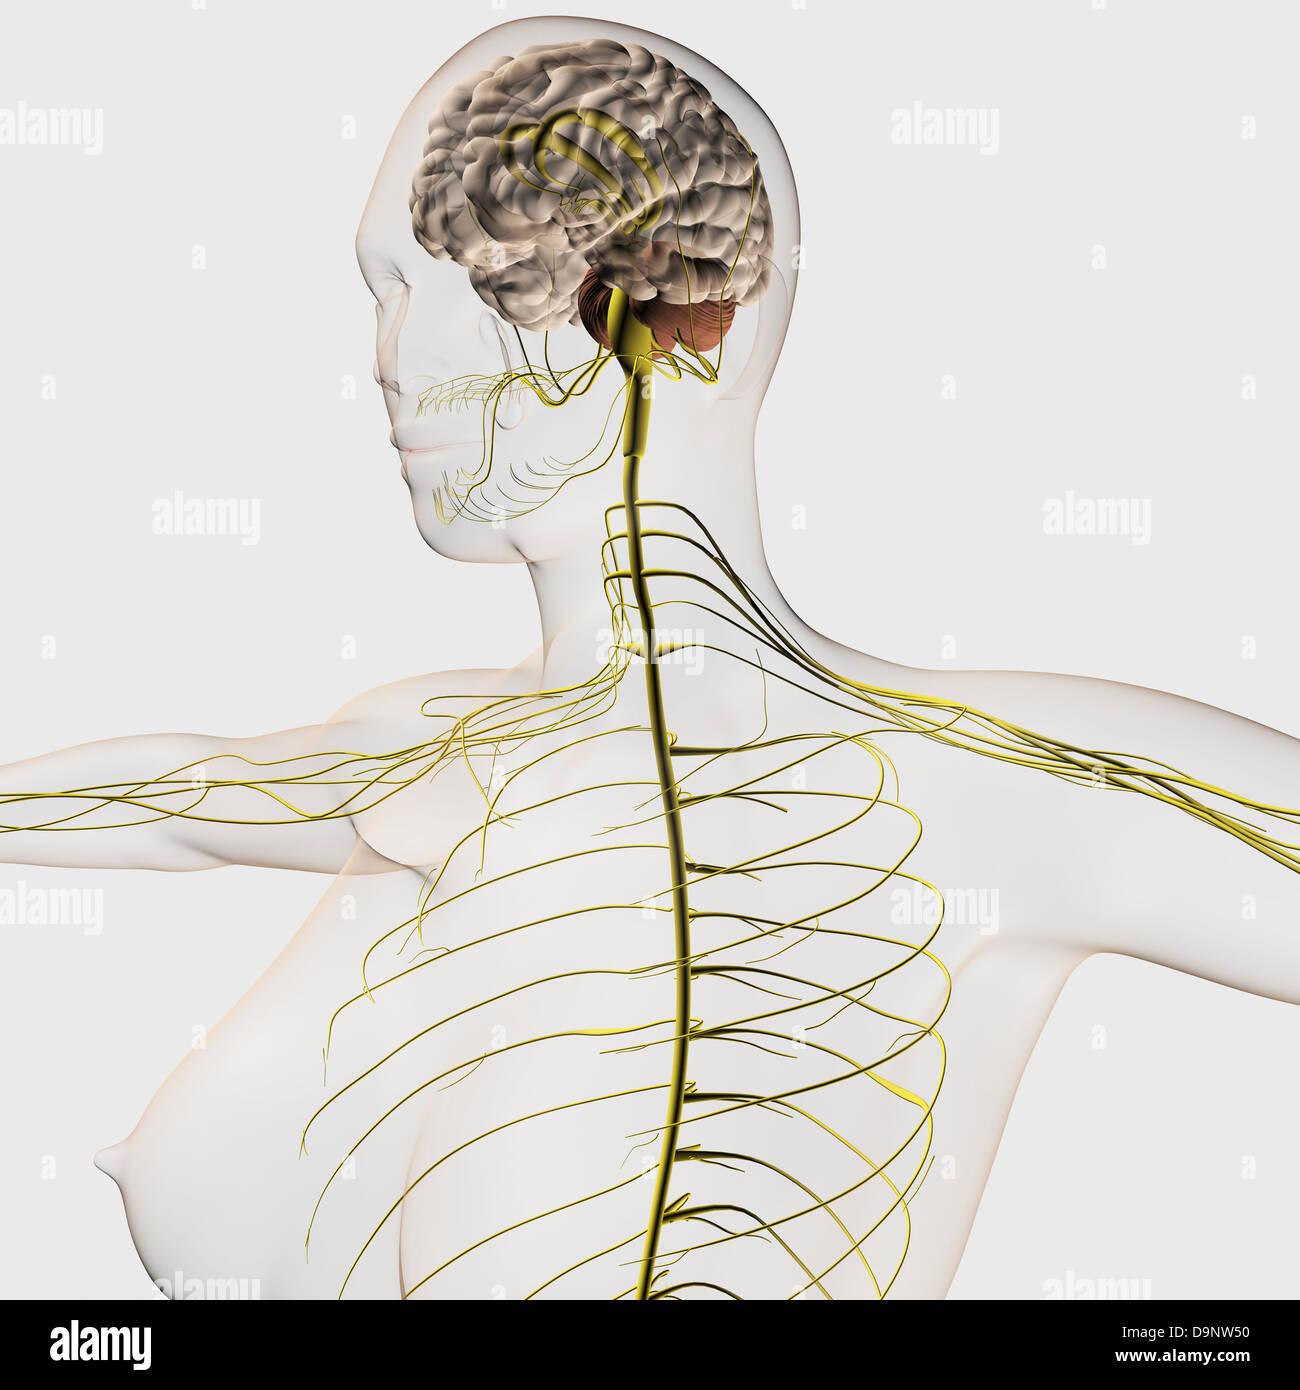 Nerve System Stockfotos & Nerve System Bilder - Alamy